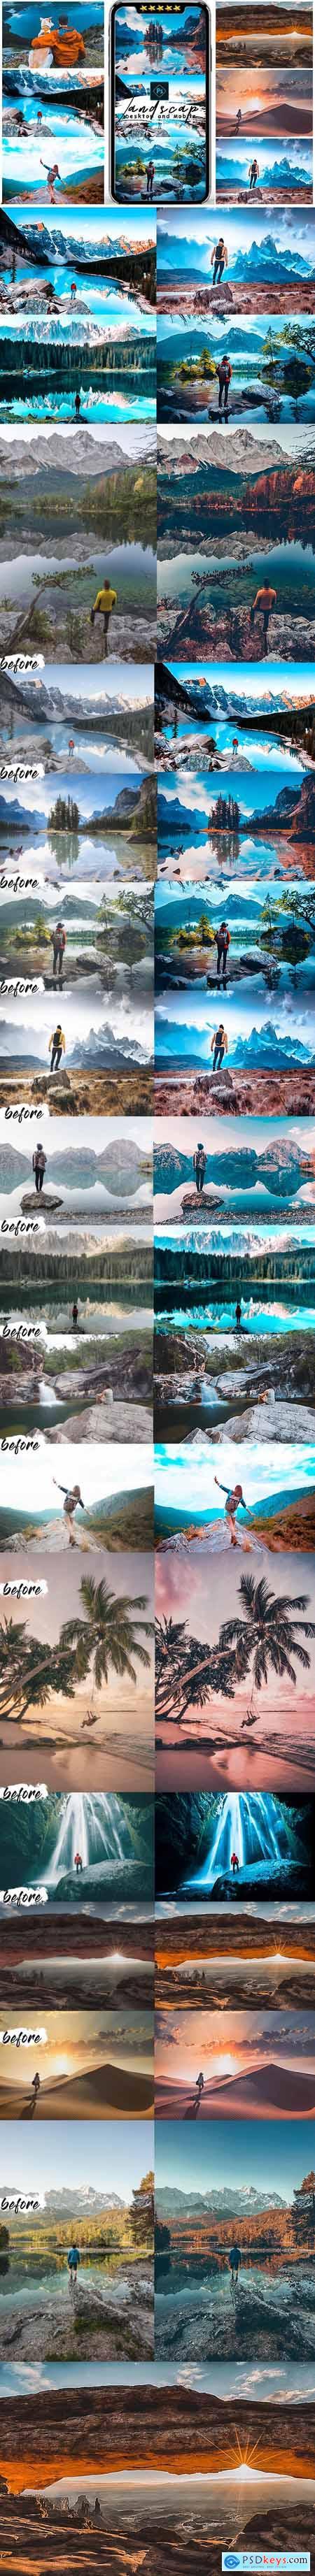 Landscap Photoshop Actions 25578343